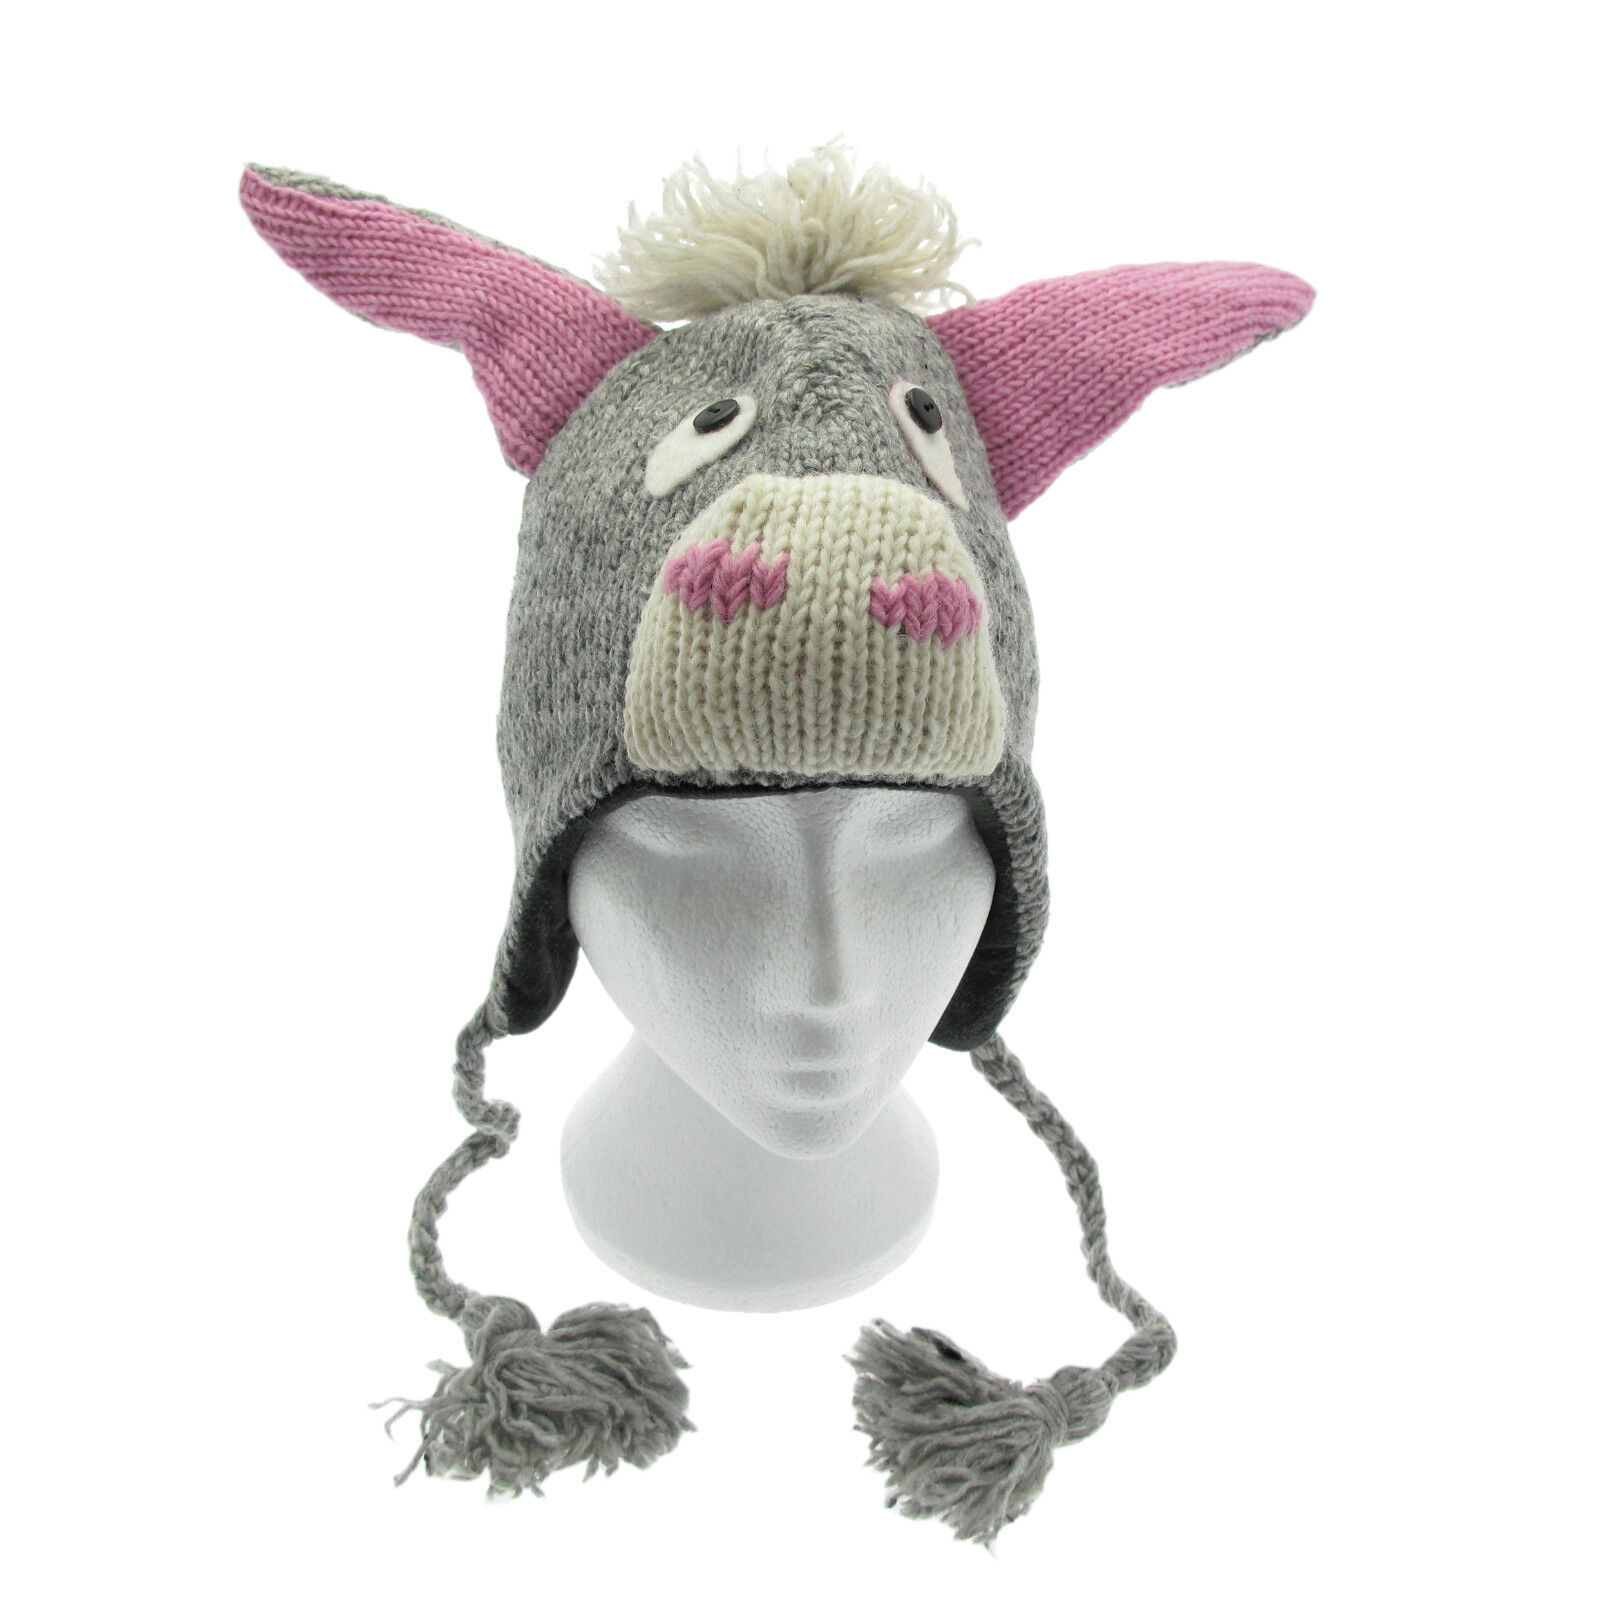 Spaß Esel handgemacht Winter Woollen Tier Hut Fleecefutter Einheitsgröße, Unisex